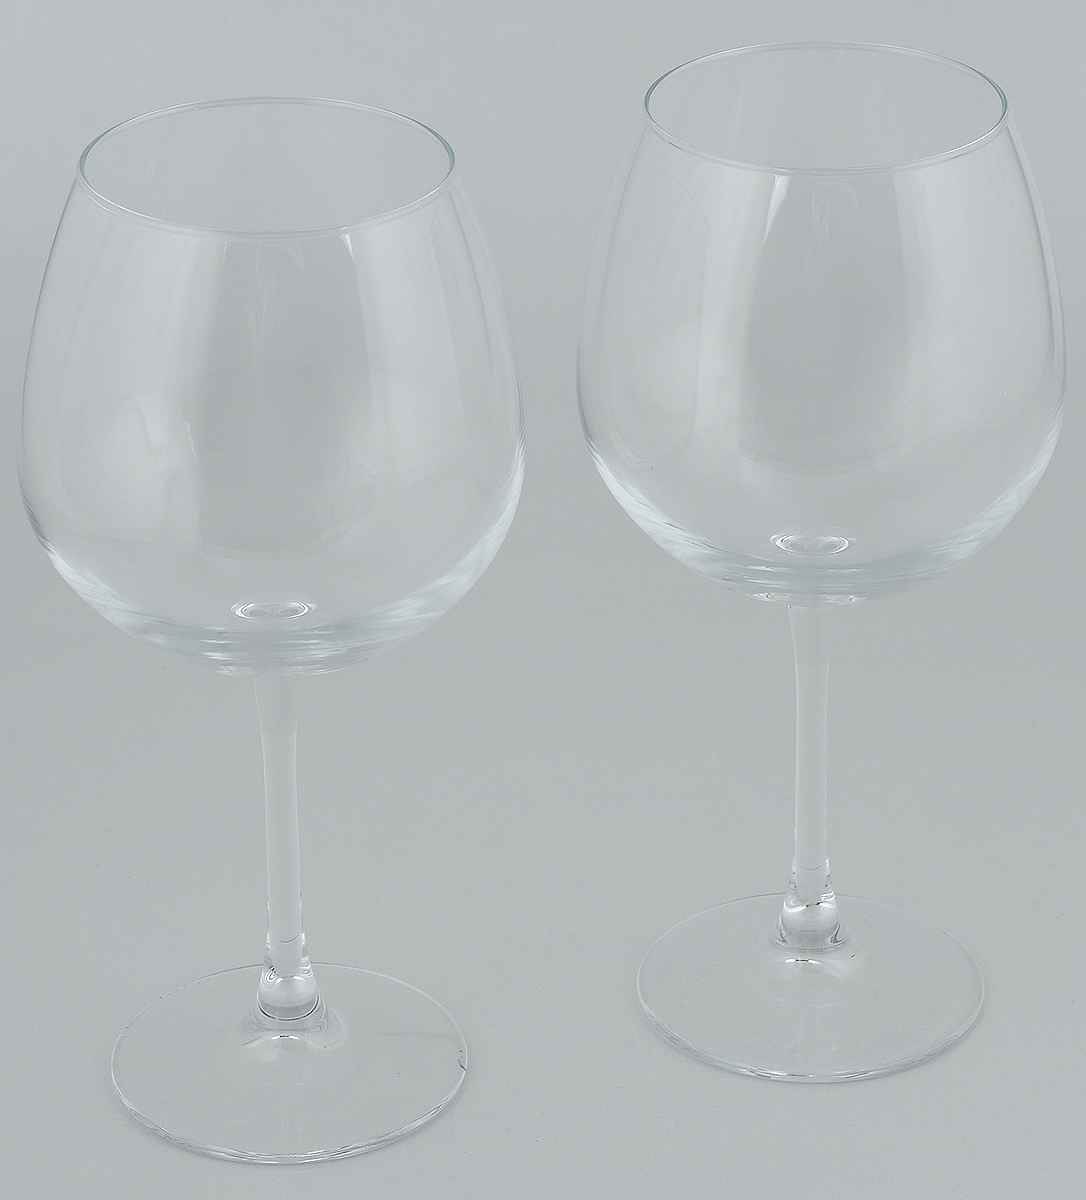 Набор бокалов для вина Pasabahce Enoteca, 780 мл, 2 шт44248//Набор Pasabahce Enoteca состоит из двух бокалов, выполненных из прочного натрий-кальций-силикатного стекла. Изделия оснащены высокими ножками и предназначены для подачи вина. Они сочетают в себе элегантный дизайн и функциональность. Набор бокалов Pasabahce Enoteca прекрасно оформит праздничный стол и создаст приятную атмосферу за романтическим ужином. Такой набор также станет хорошим подарком к любому случаю. Высота бокала: 24 см.